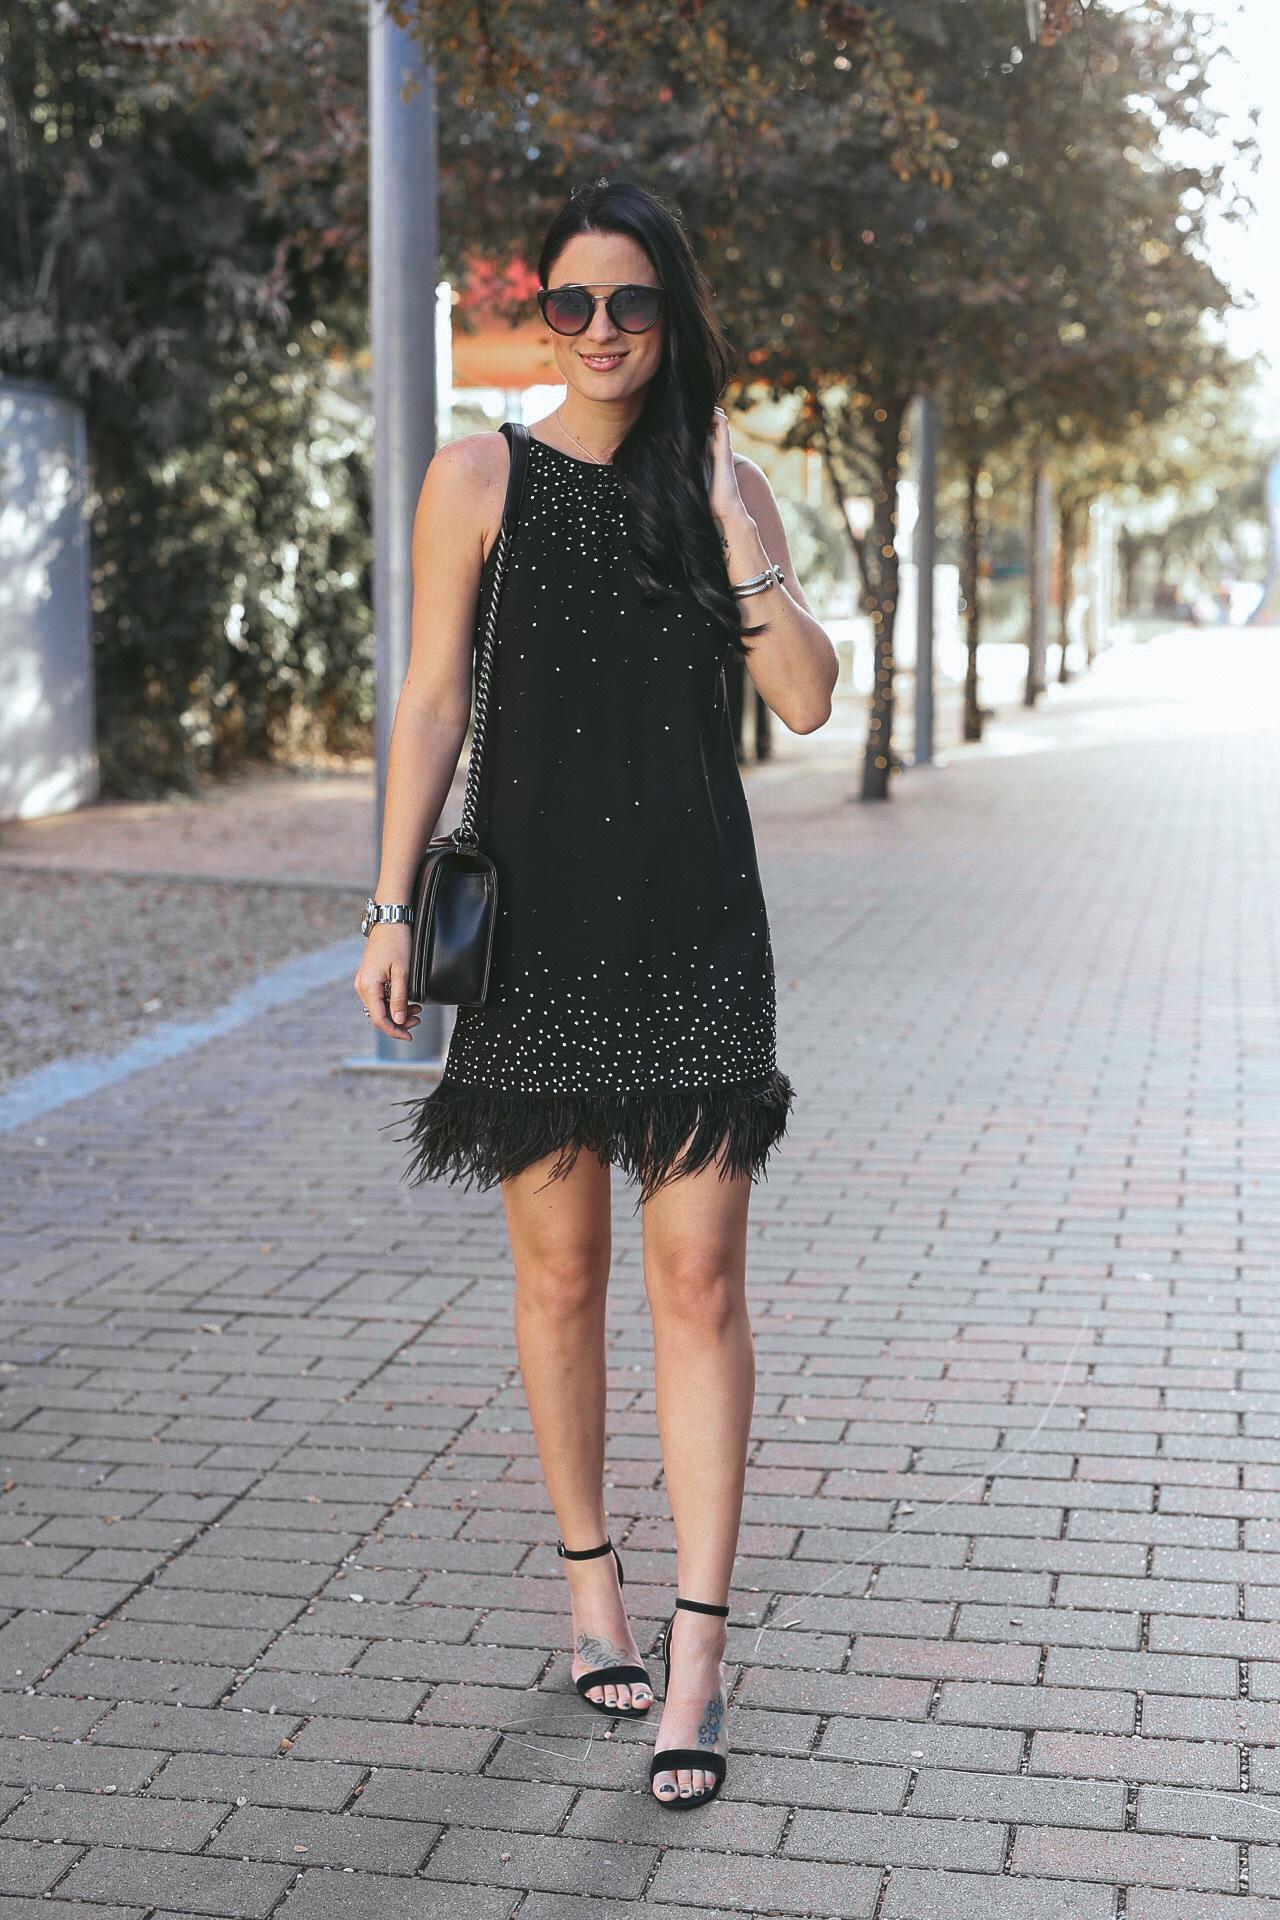 12 Affordable Little Black Dresses   little black dress style   classy little black dress   classic little black dress   LBD style   classic LBD   LBD outfit    Dressed to Kill #lbd #littleblackdress #affordableLBD